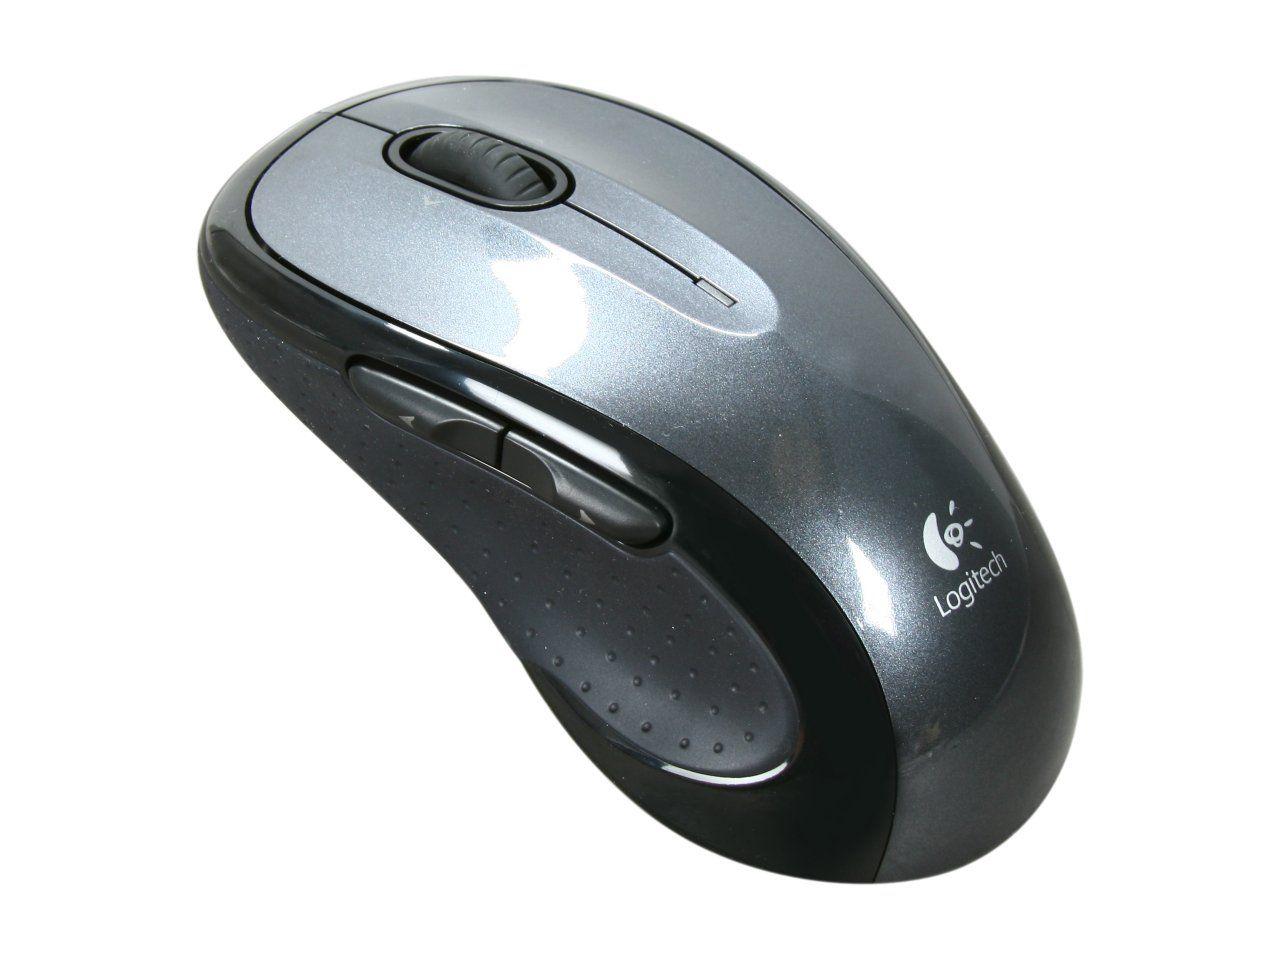 Logitech M510 Black 5 Buttons Tilt Wheel USB RF Wireless